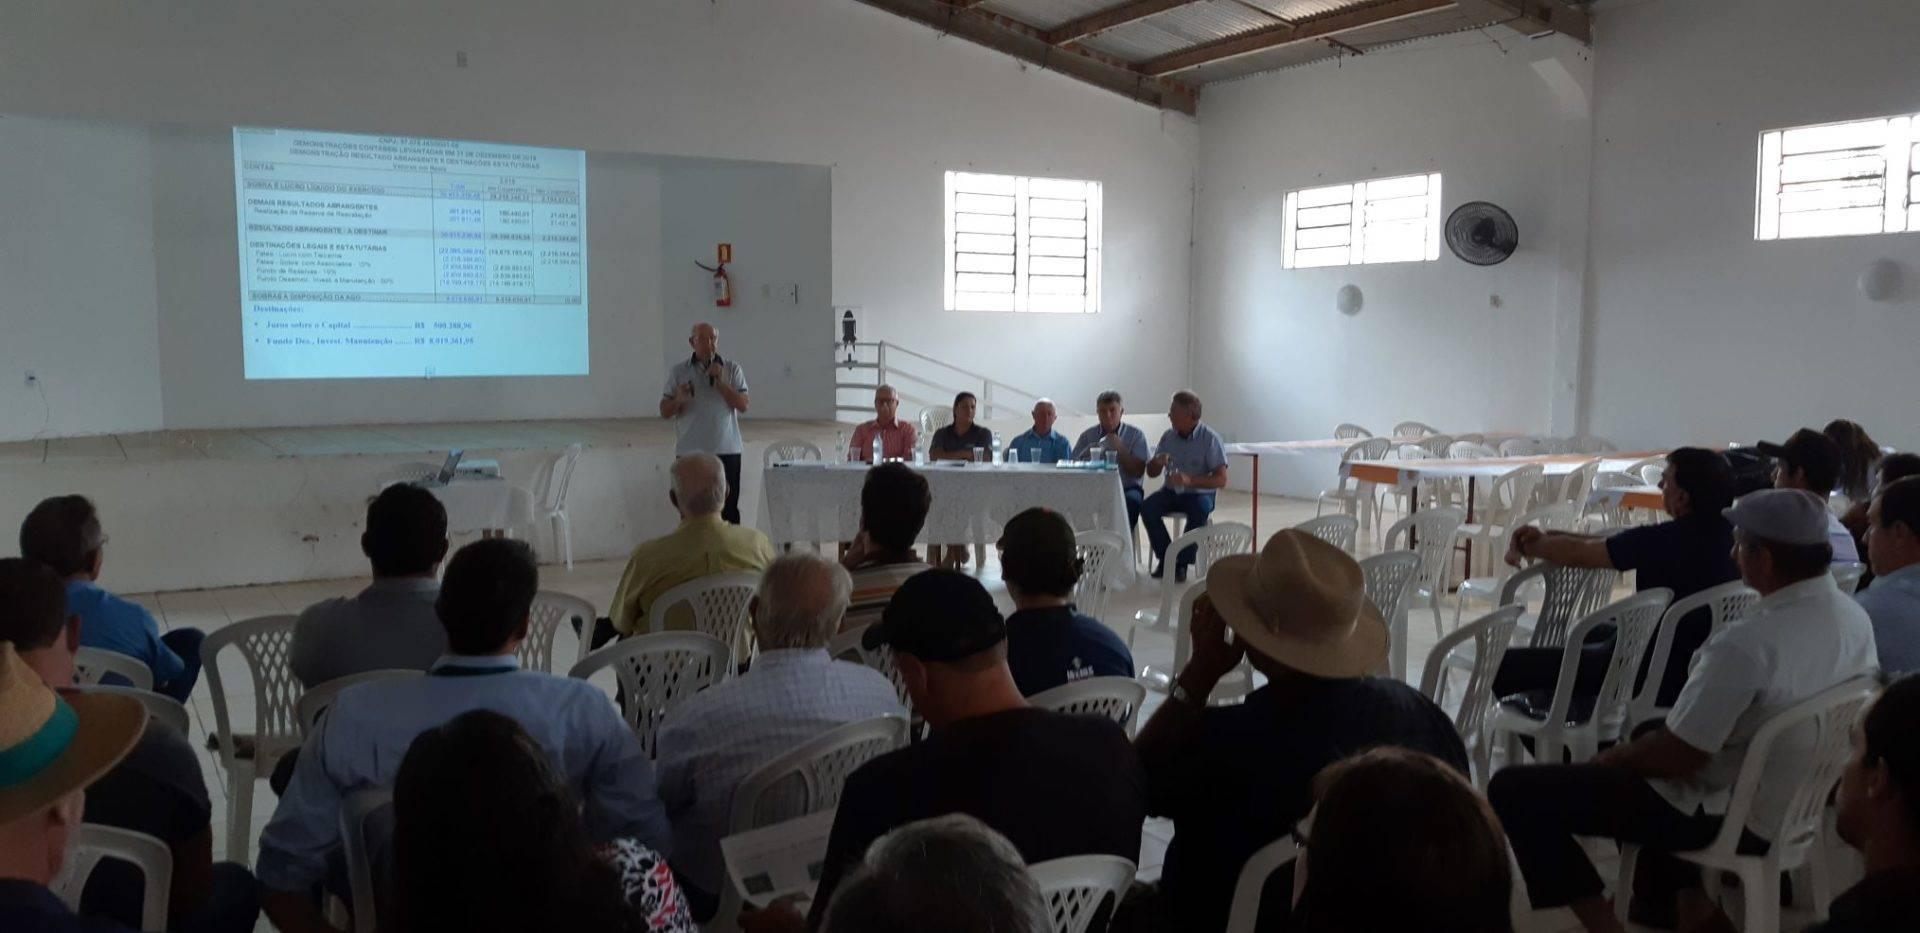 Coopatrigo vai realizar suas reuniões regionais de forma virtual